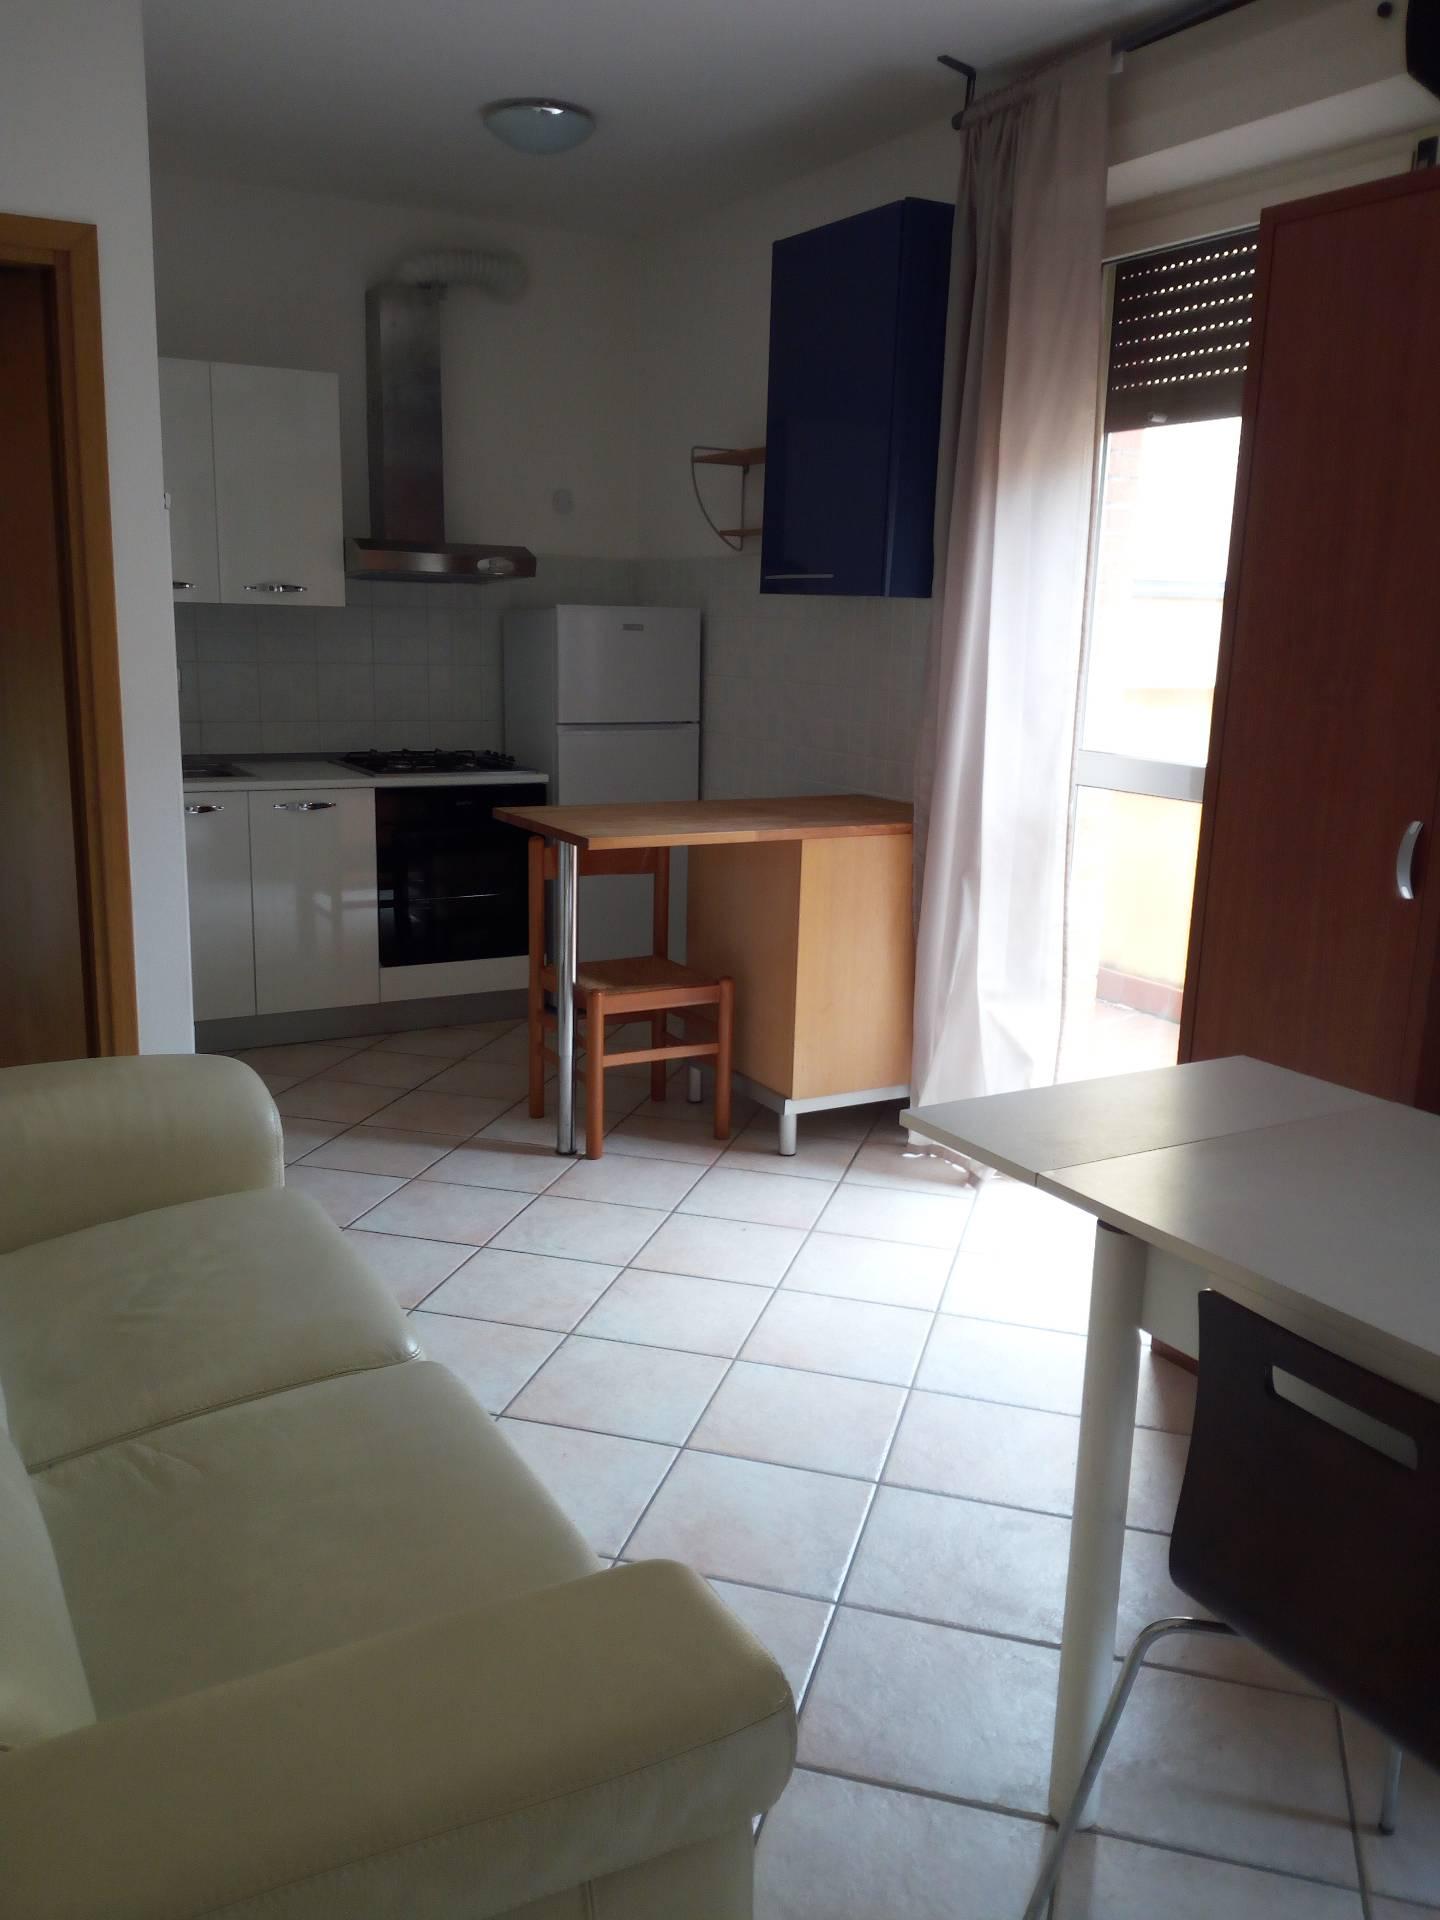 Appartamento in affitto a Lugo, 2 locali, prezzo € 500 | Cambio Casa.it